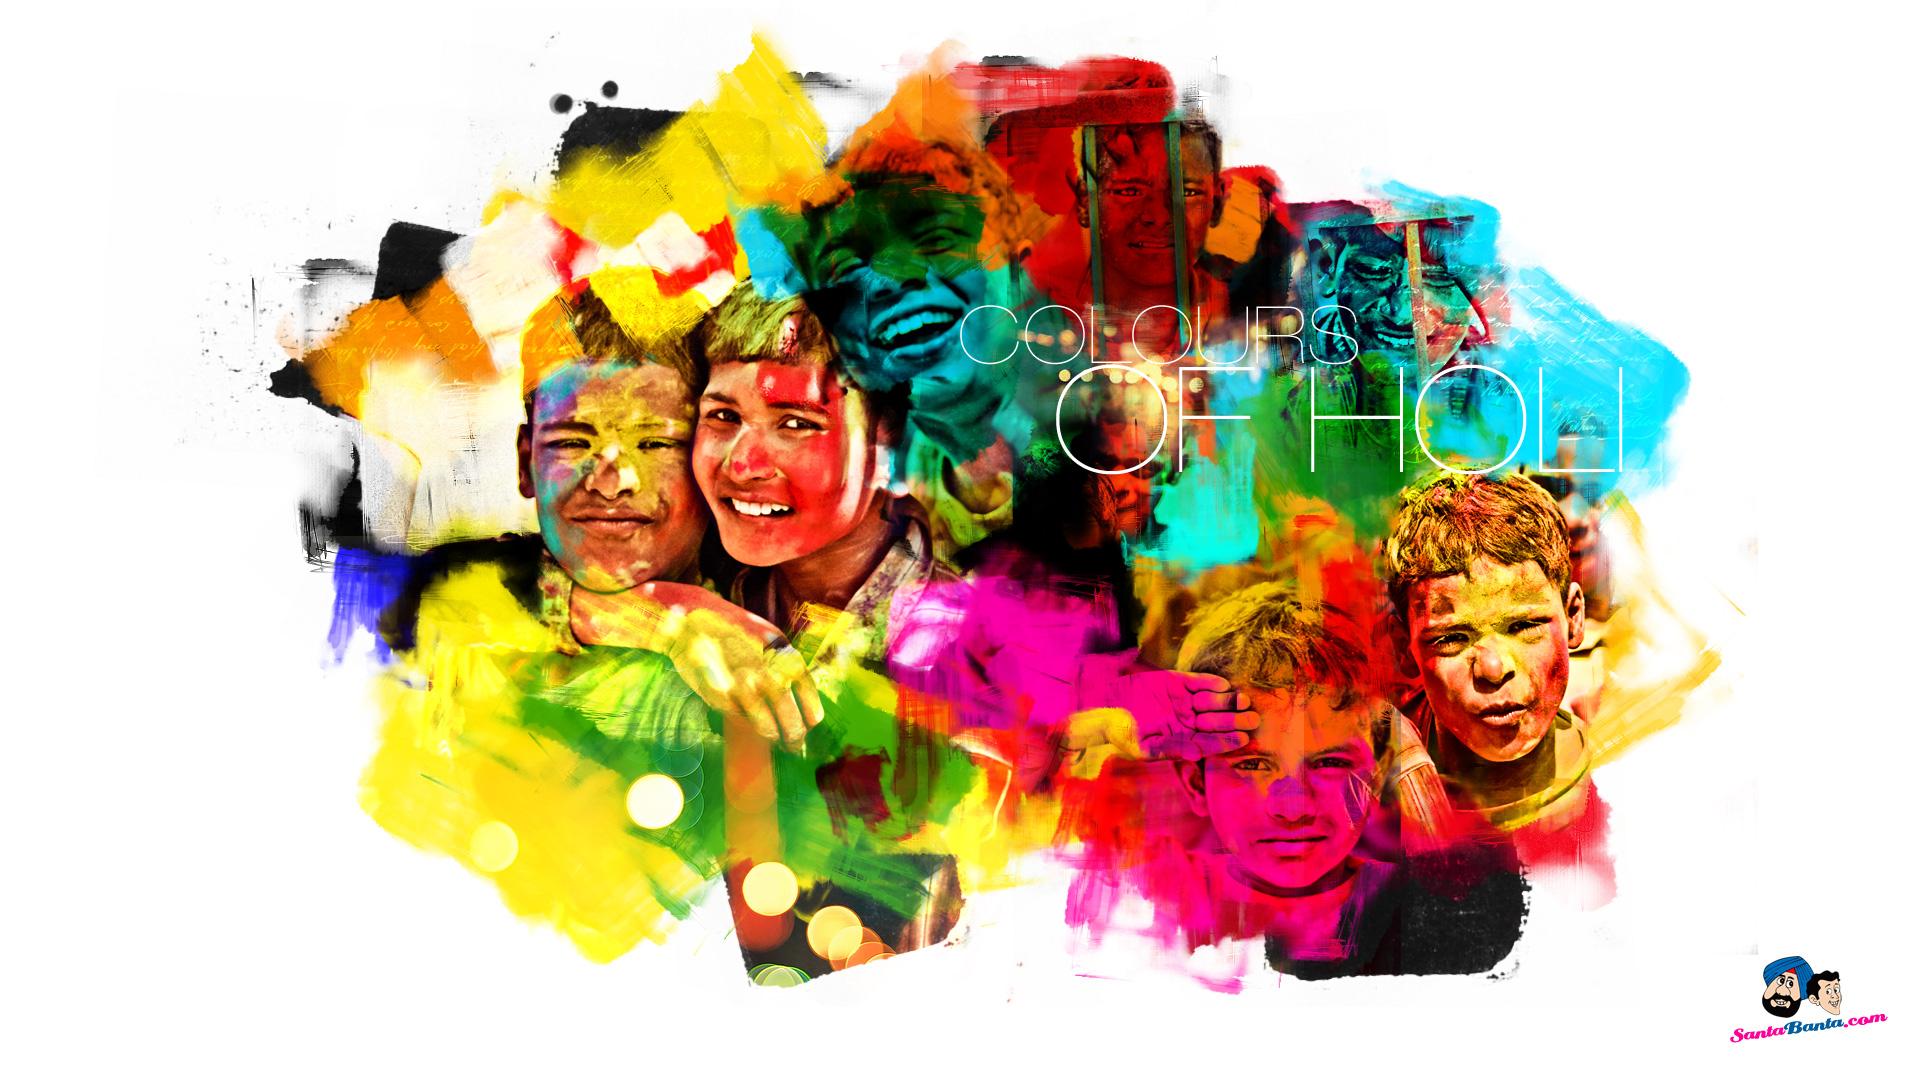 Happy Holi 2013 Hd Images